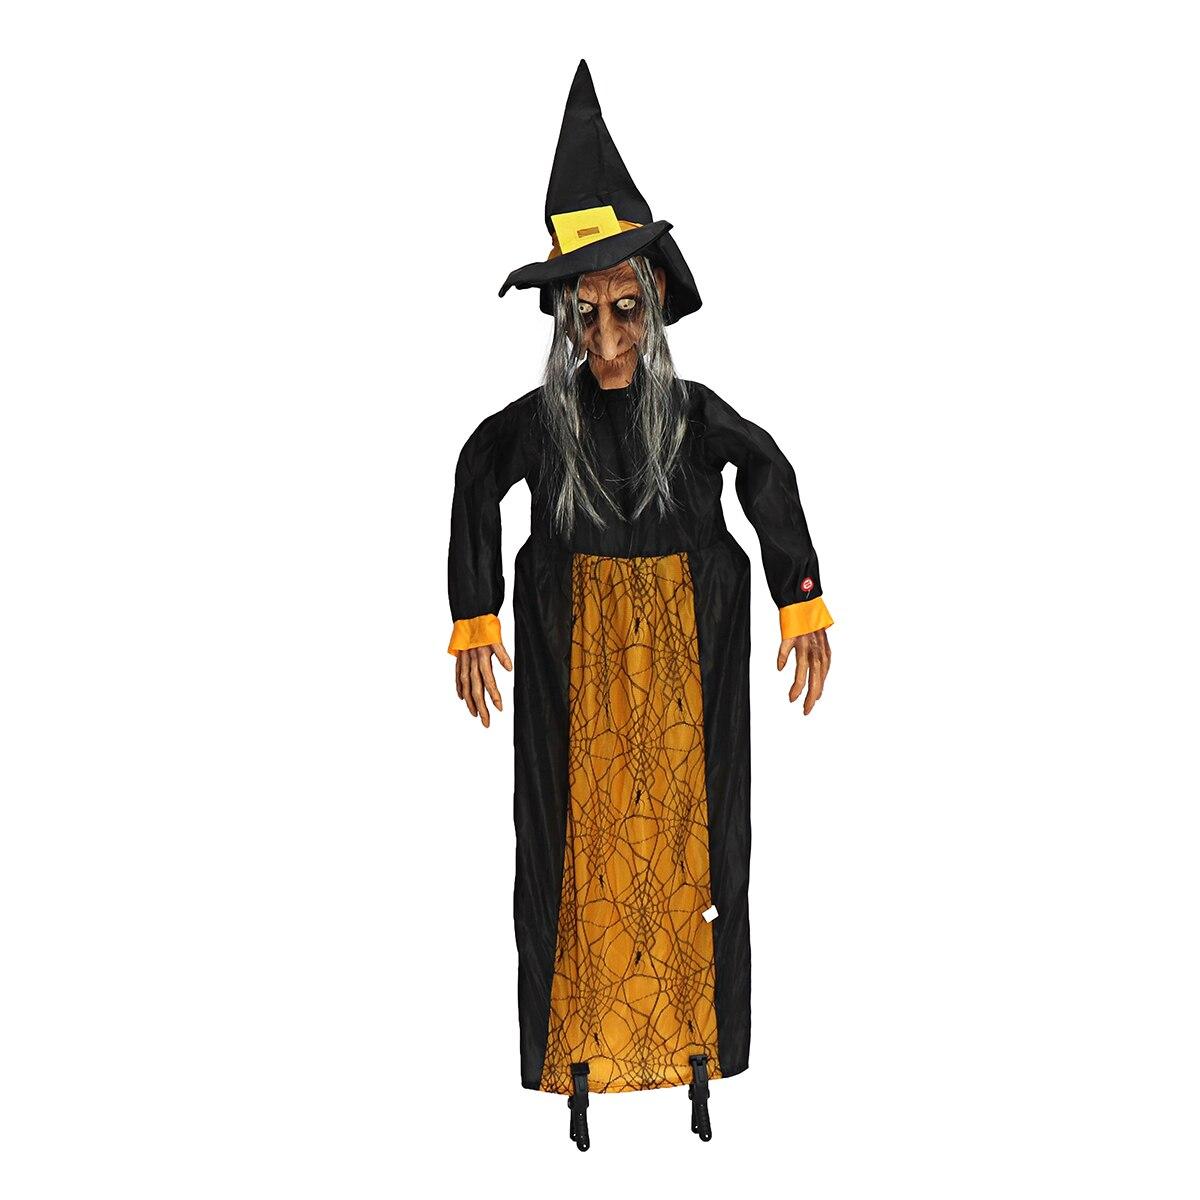 145 cm Halloween Prop Électrique Commande Vocale Fantôme Plaisir D'animation Parlant Sorcière Yeux Rouges Rougeoyants Suspendus Halloween Décoration Prop